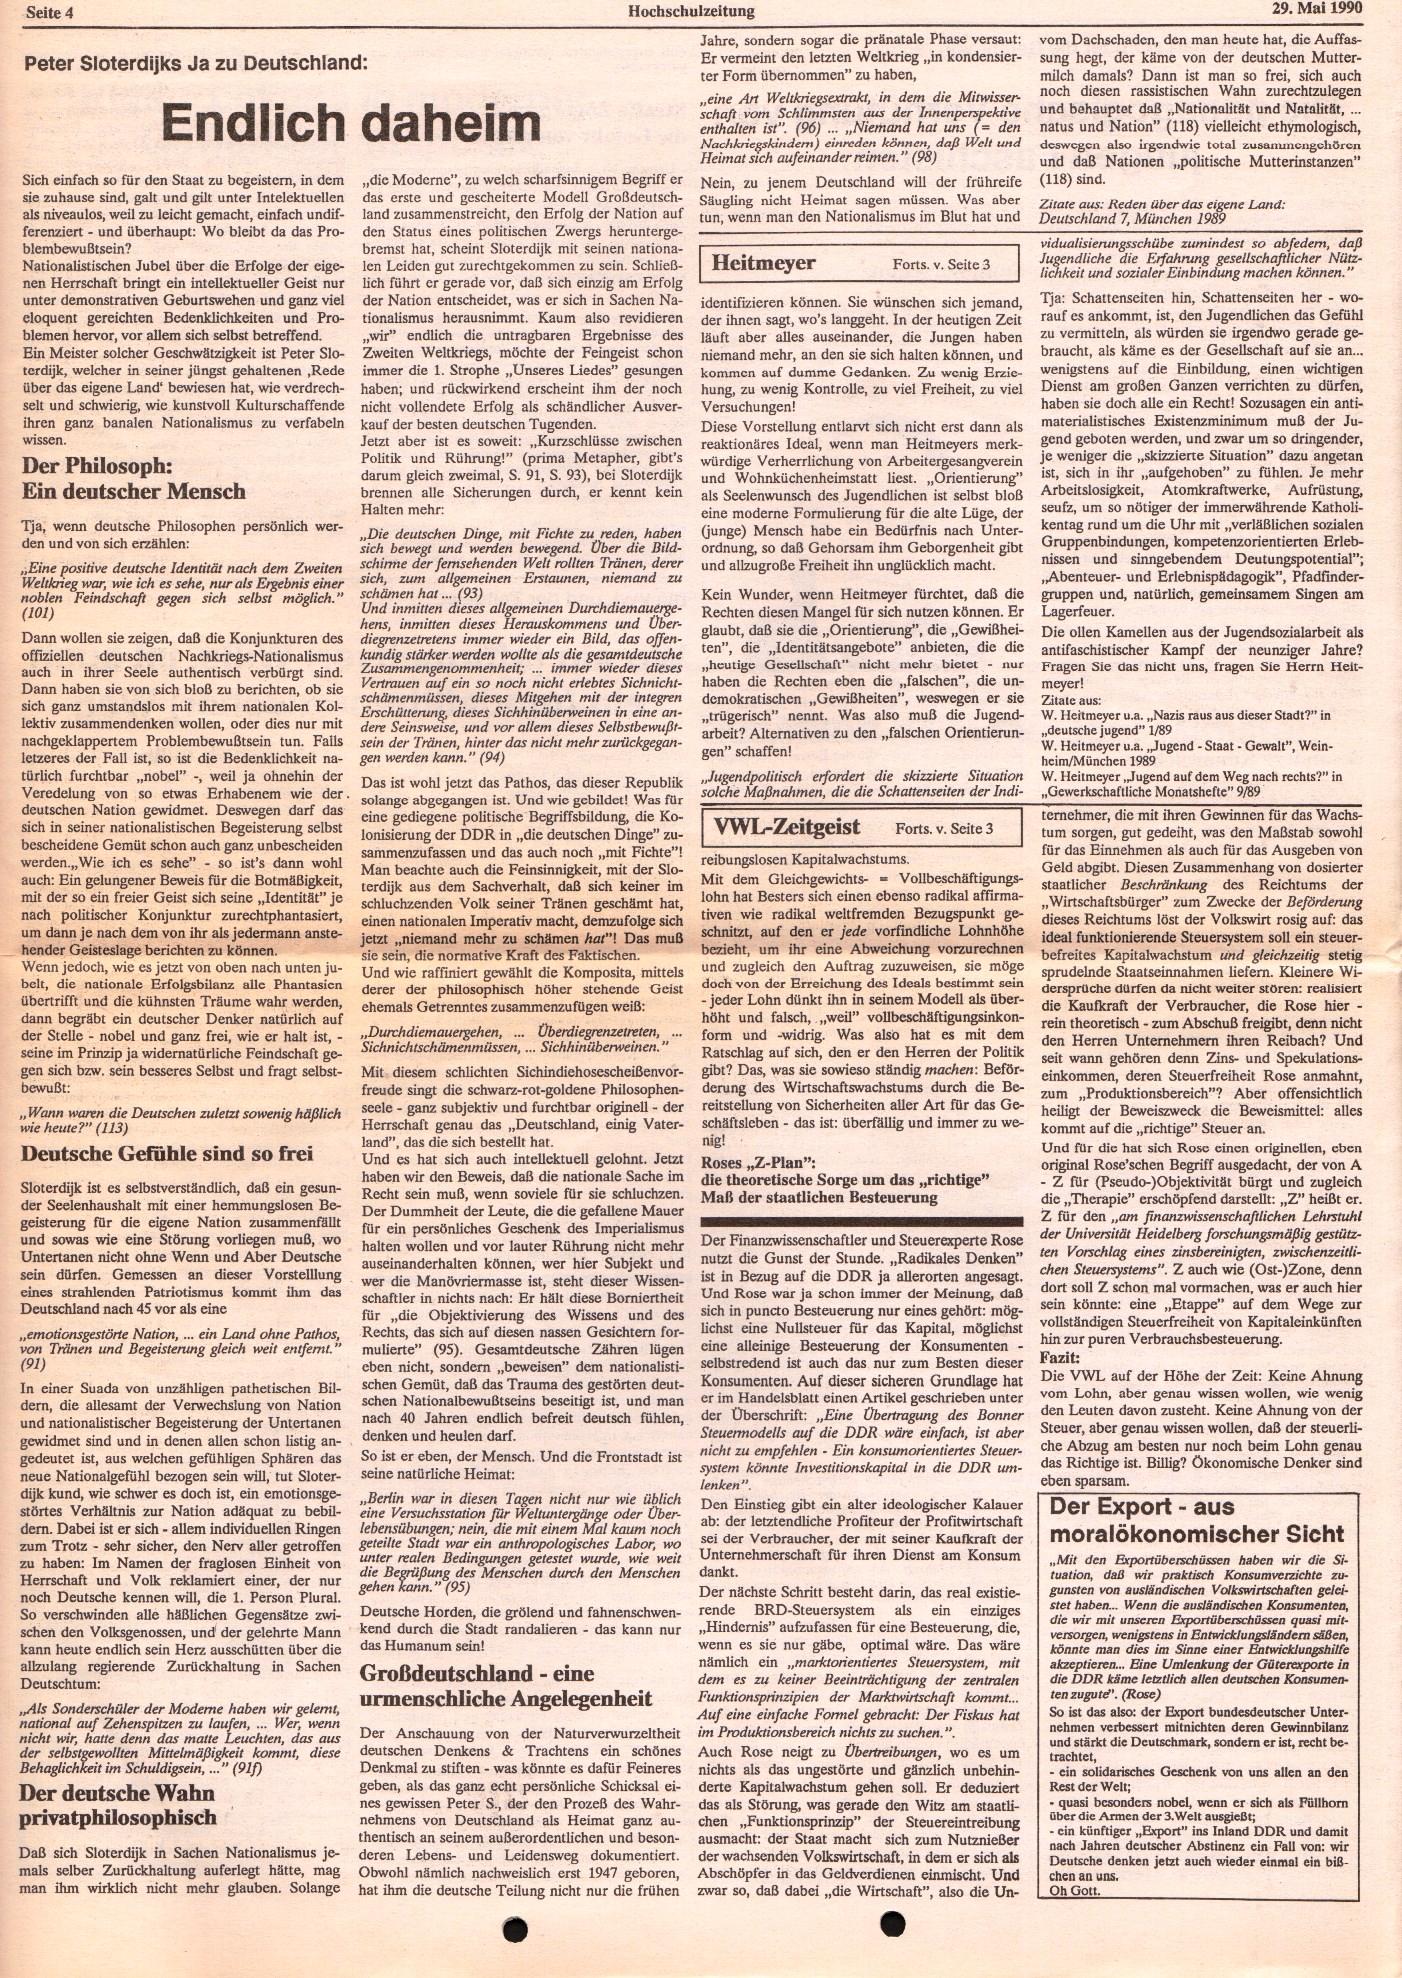 Ruhrgebiet_MG_Marxistische_Hochschulzeitung_19900529_04